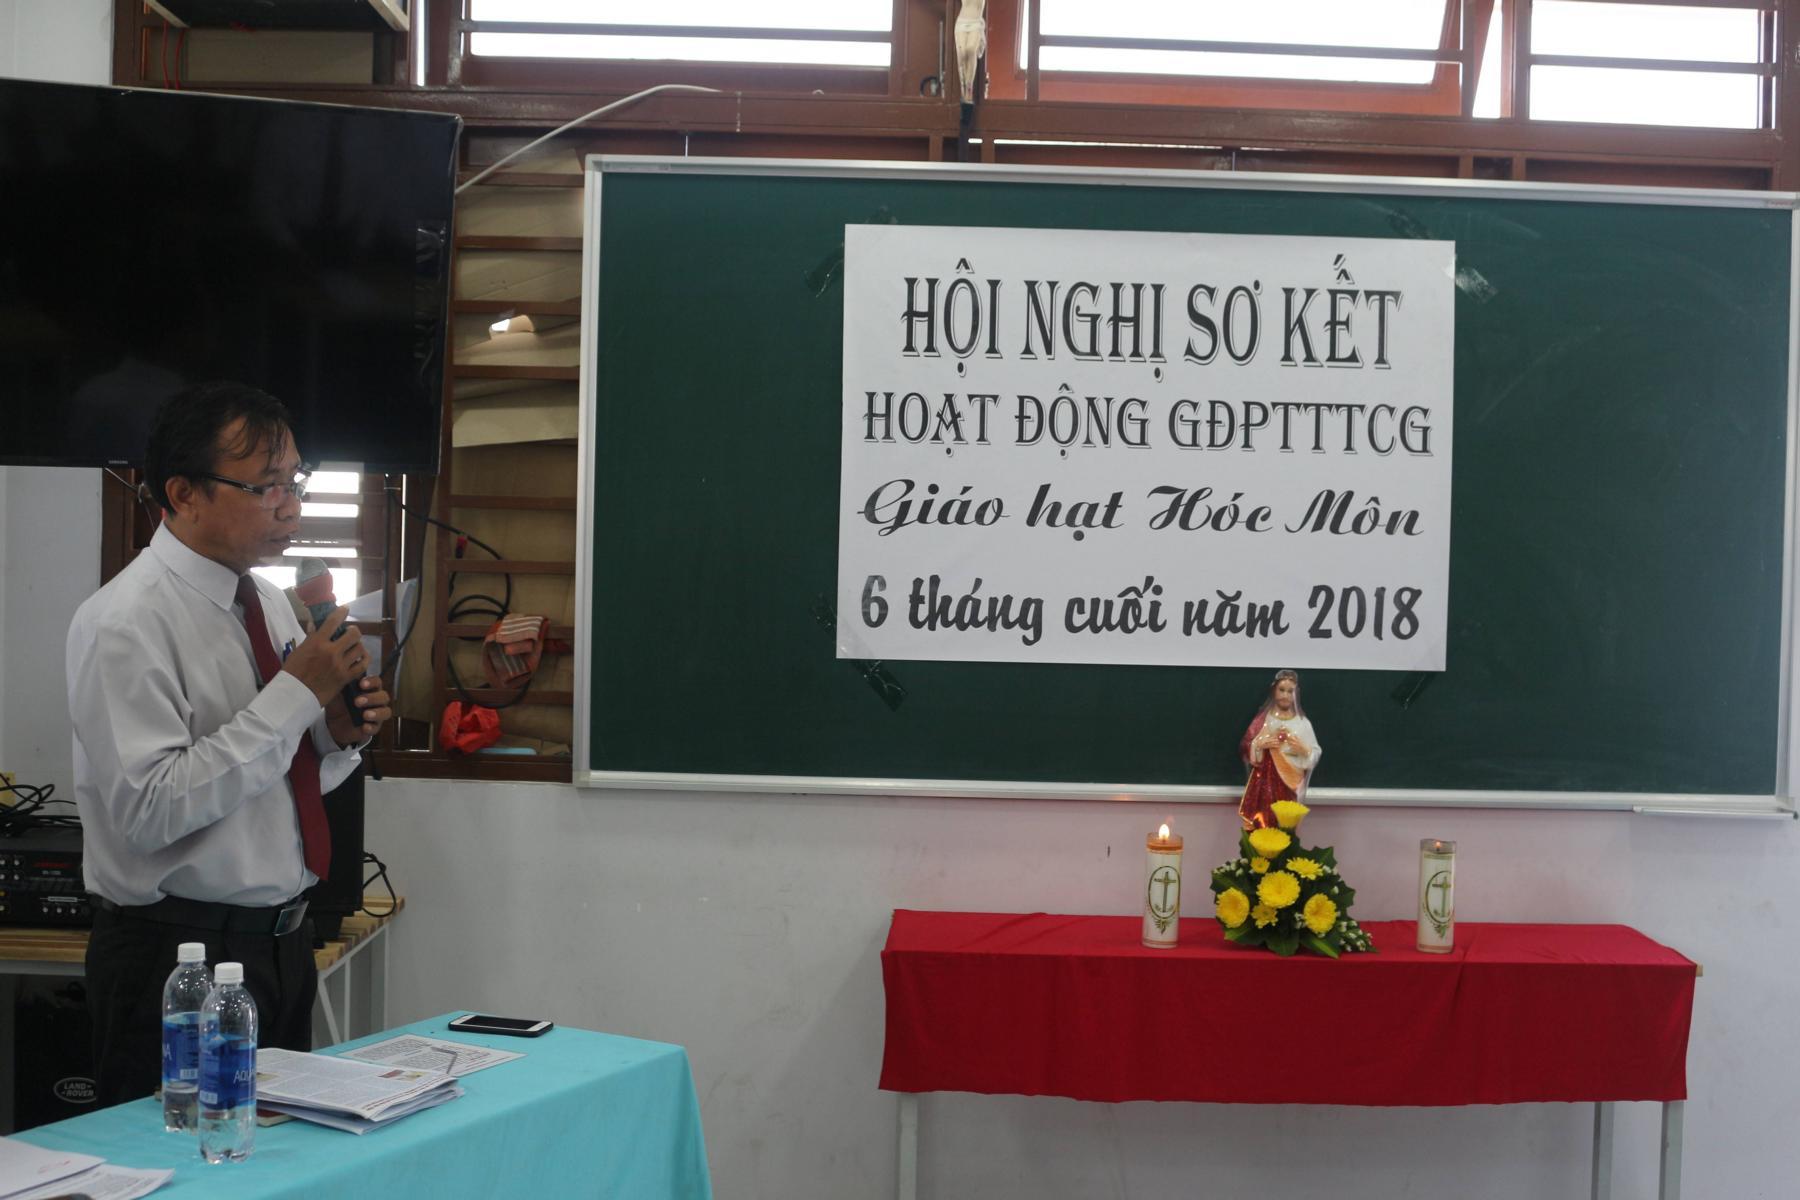 GĐPTTTCG giáo hạt Hóc Môn